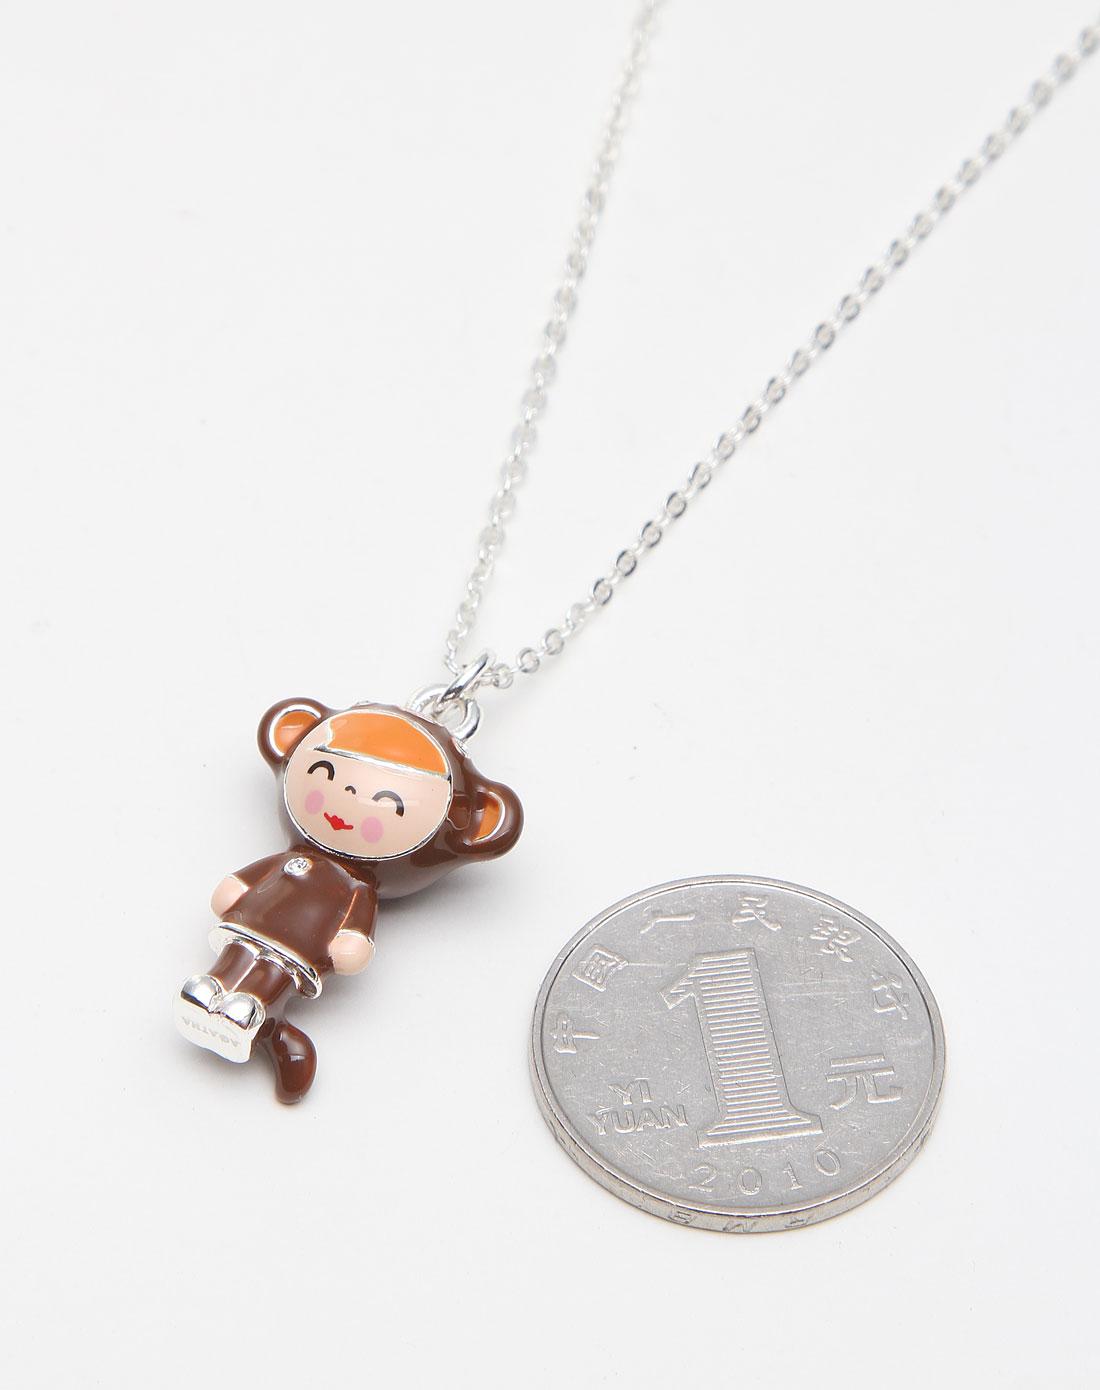 agatha棕色可爱小猴子生肖造型项链2650775-237-tu啡